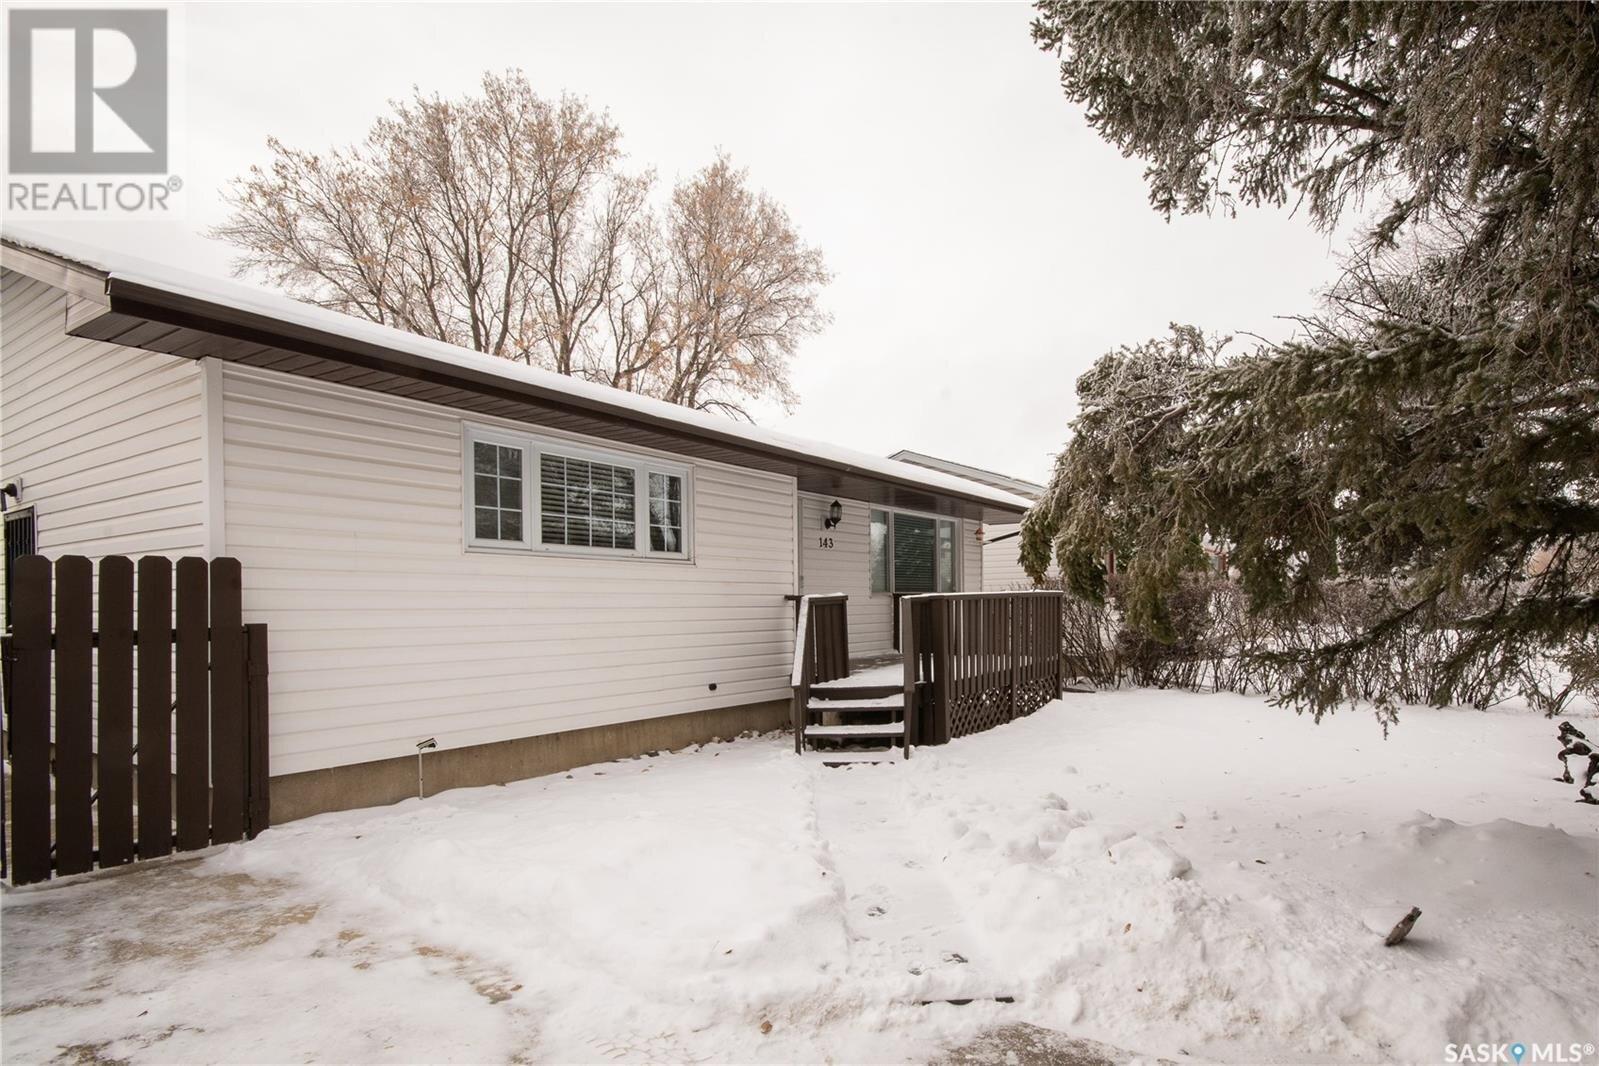 House for sale at 143 Upland Dr Regina Saskatchewan - MLS: SK835932